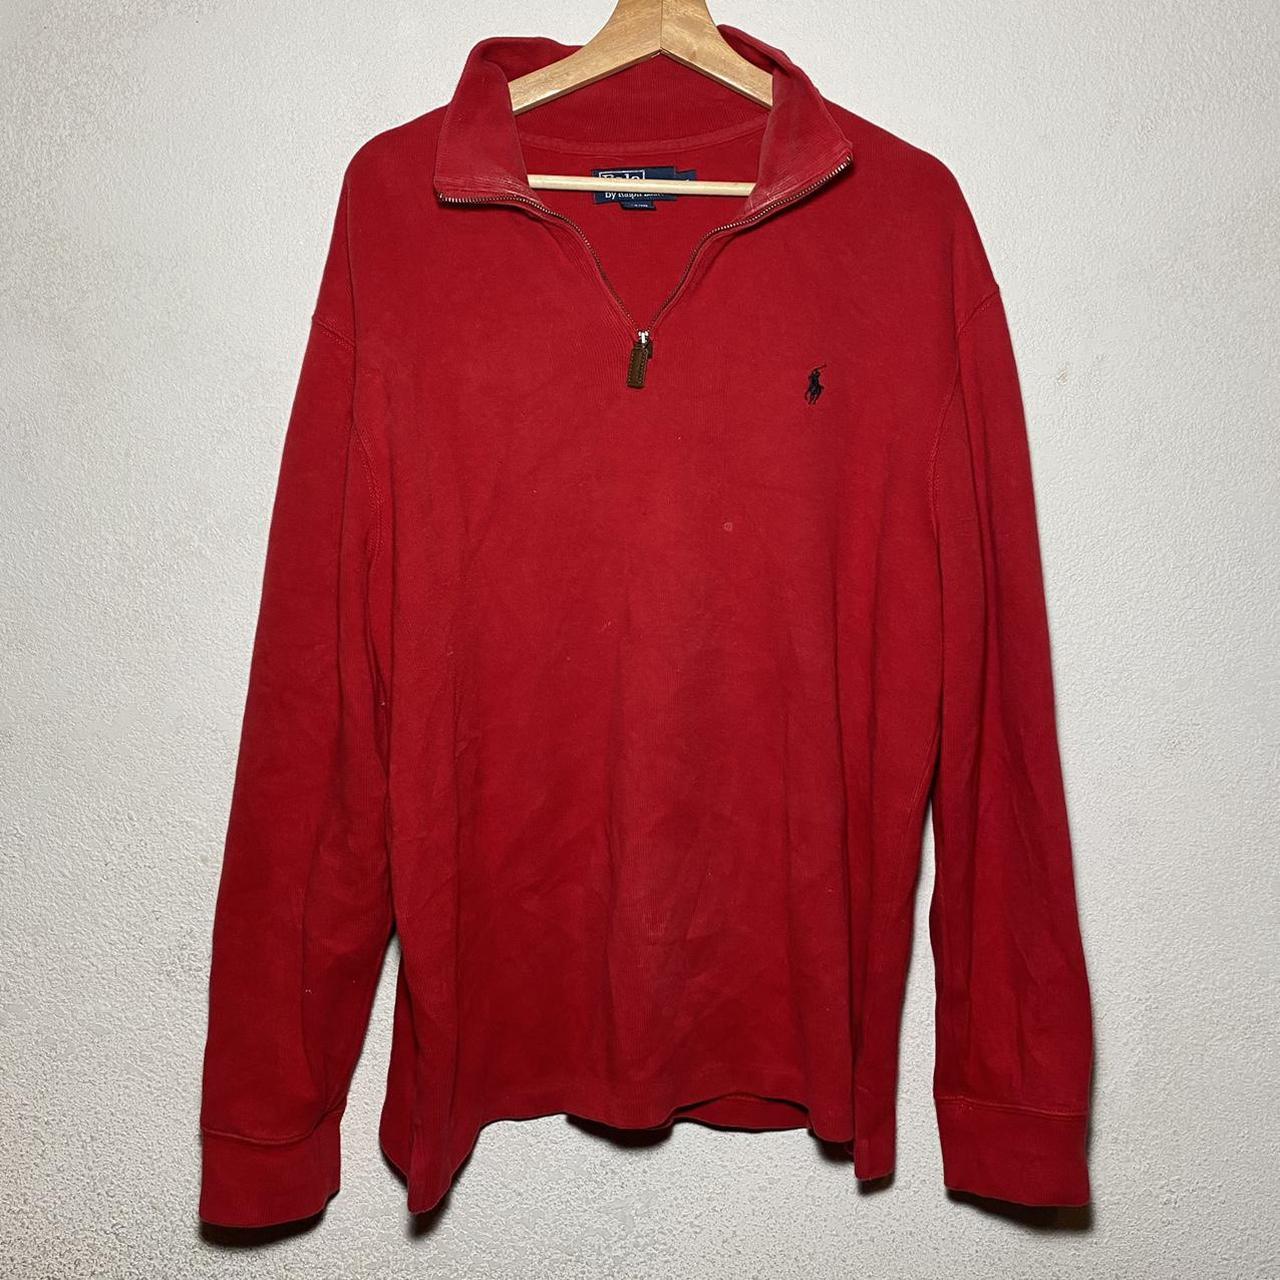 Product Image 1 - Vintage Polo Ralph Lauren Quarter